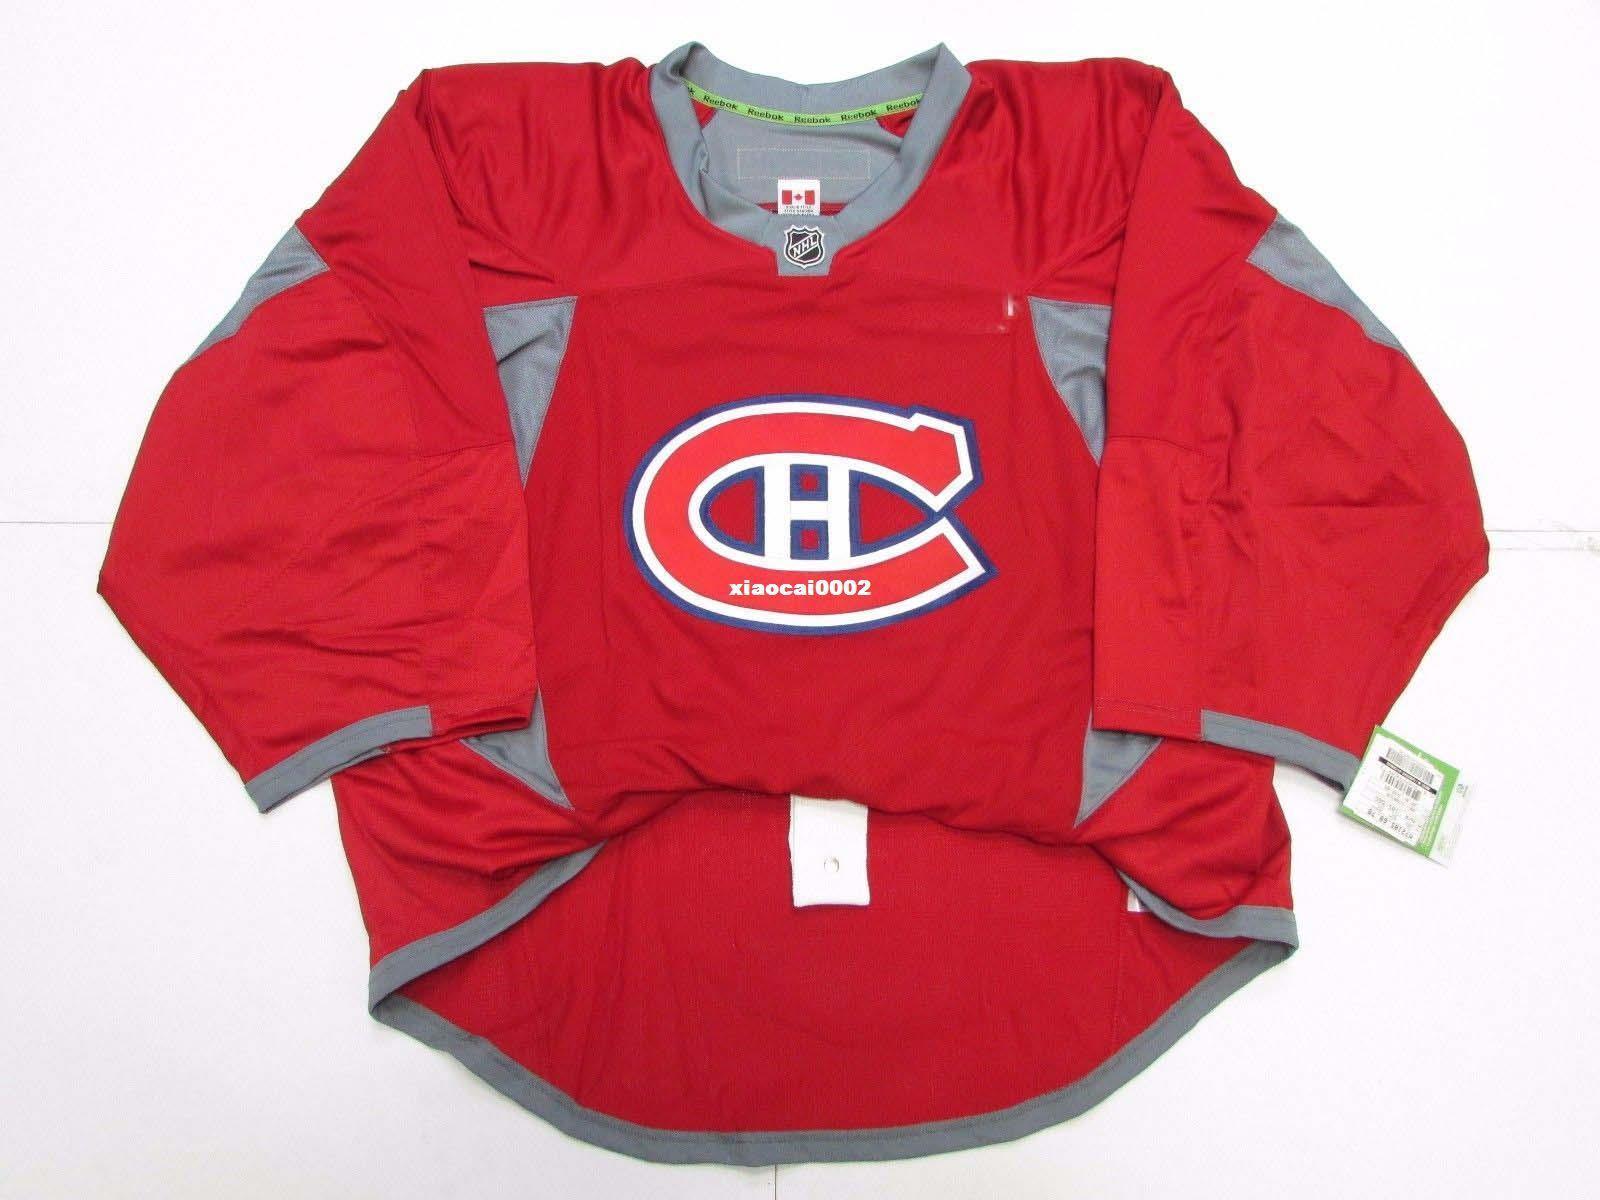 رخيصة مخصصة مونتريال CANADIENS منزل أصيل RED EDGE PRACTICE JERSEY حارس المرمى CUT 56 رجل مخيط شخصية هوكي البلوزات